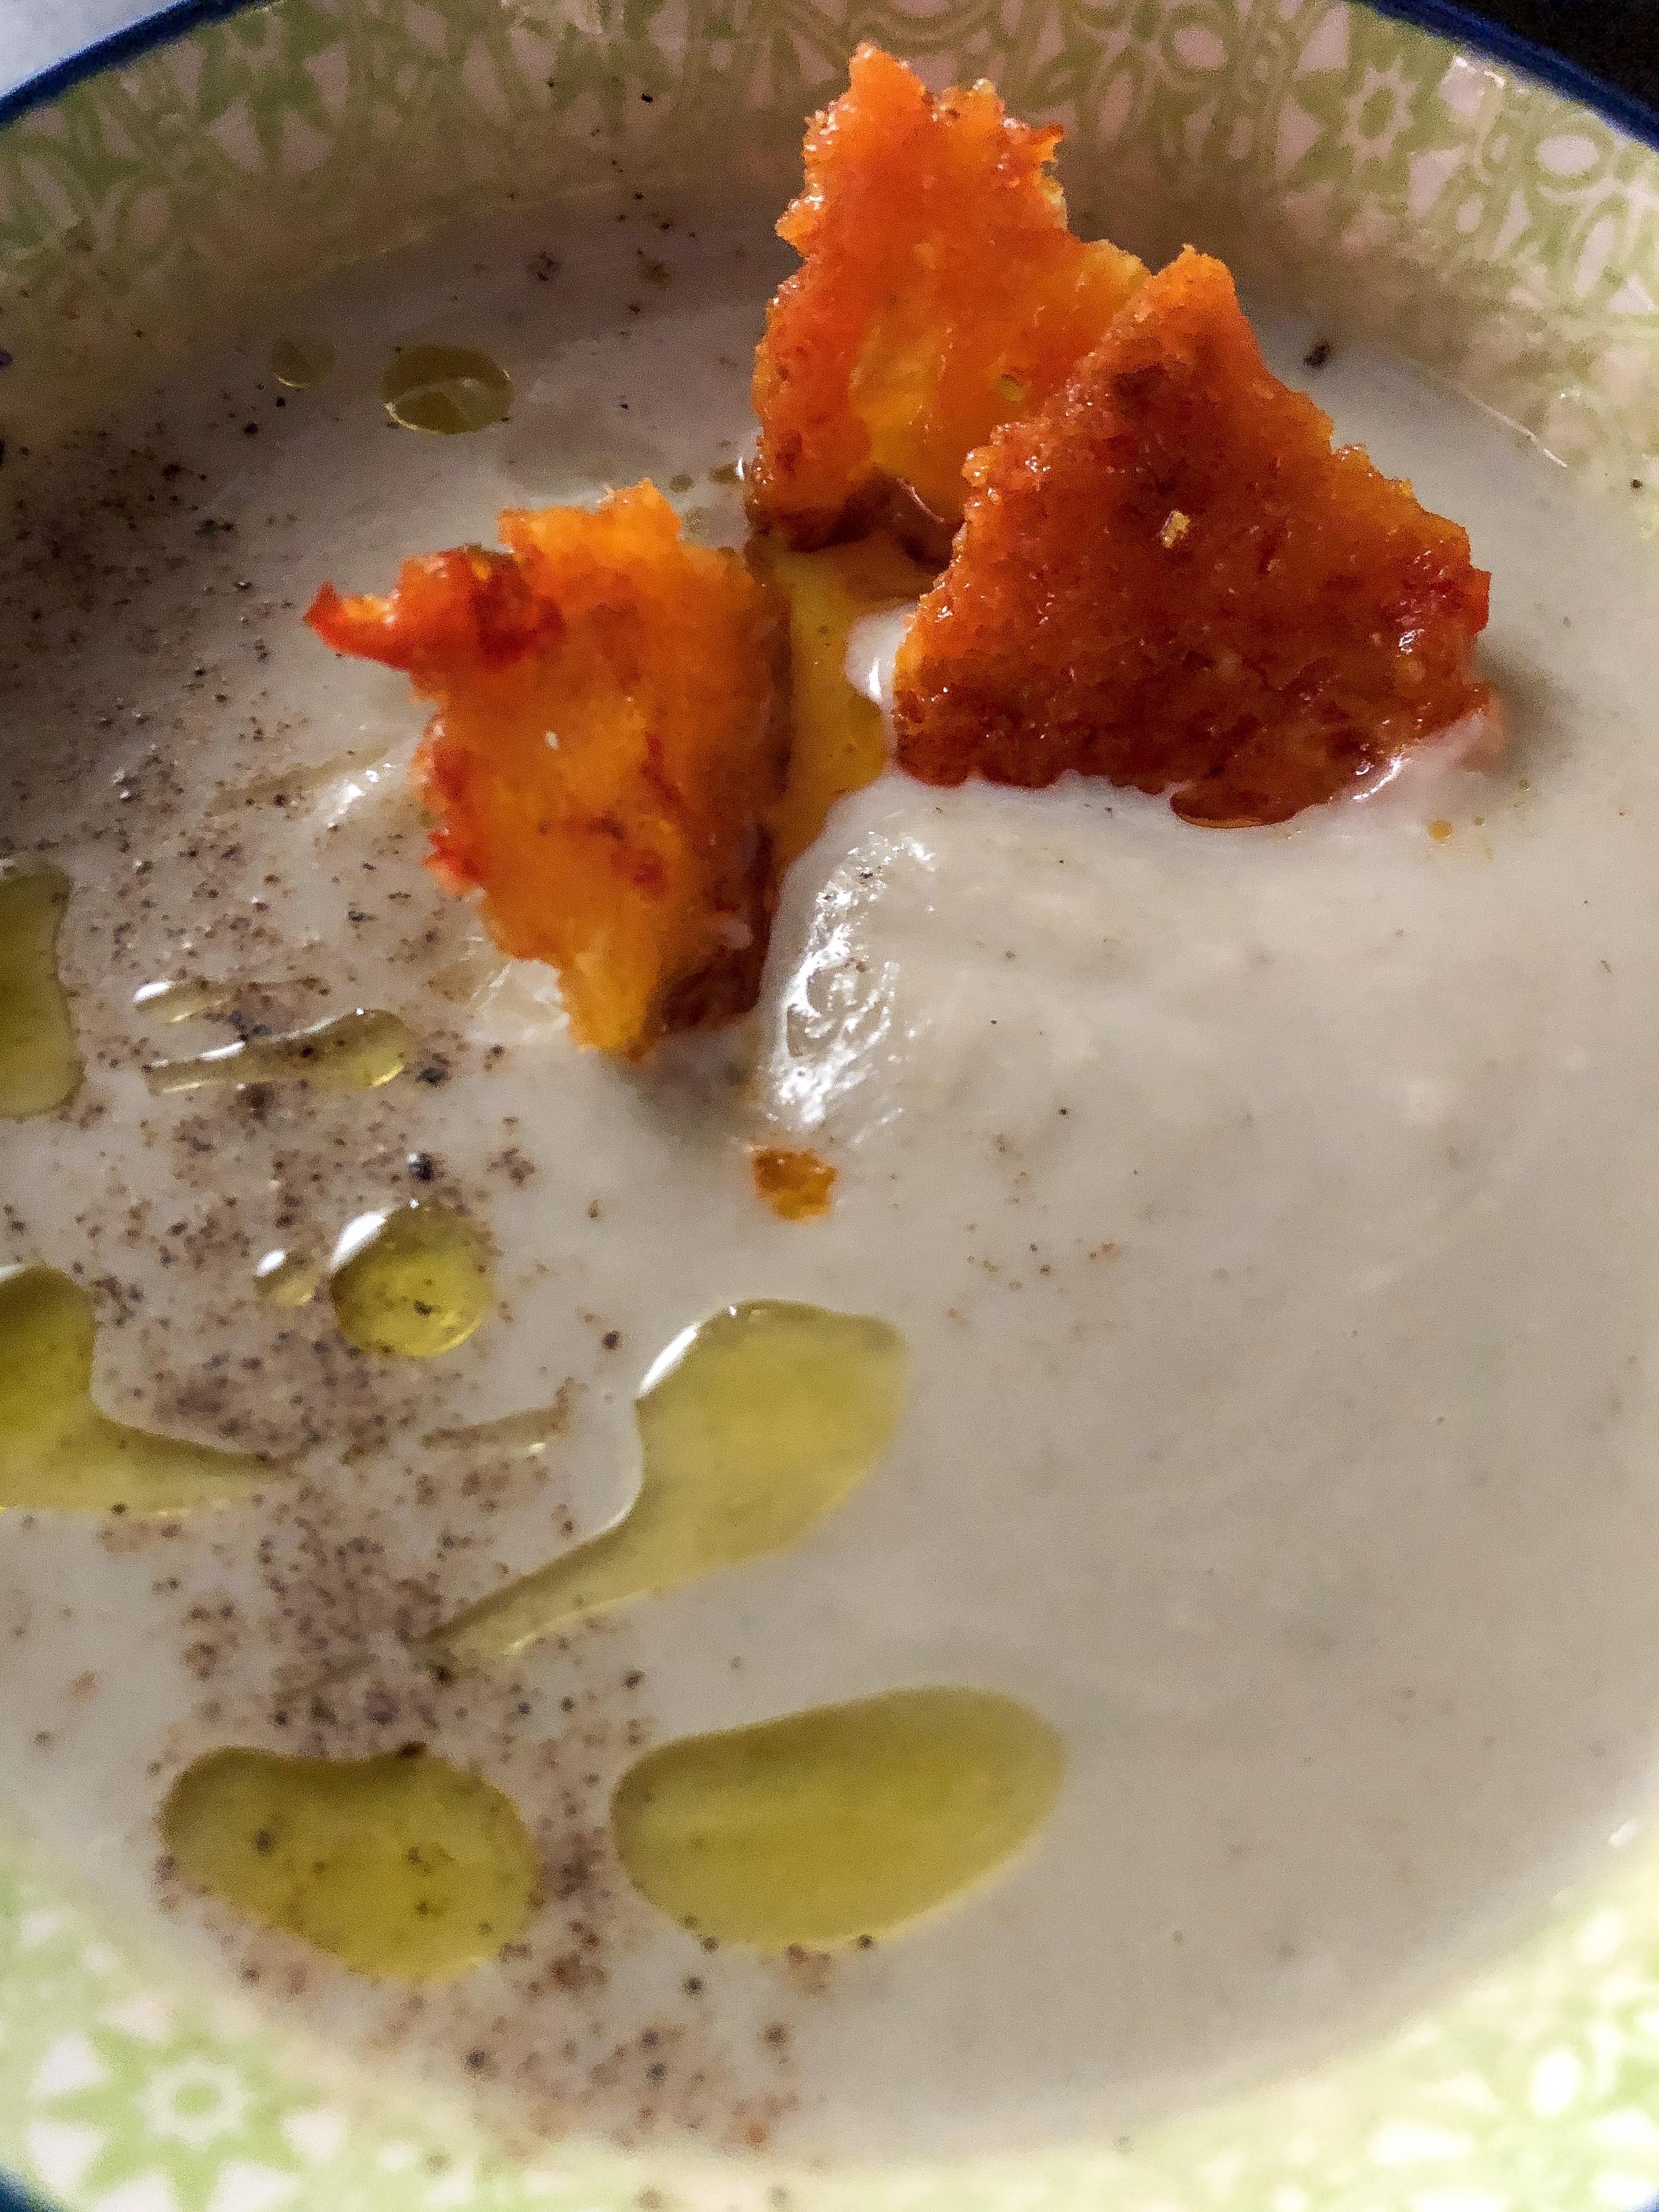 crema di cavolfiore con cialda al parmigiano preparazione presentazione dettaglio